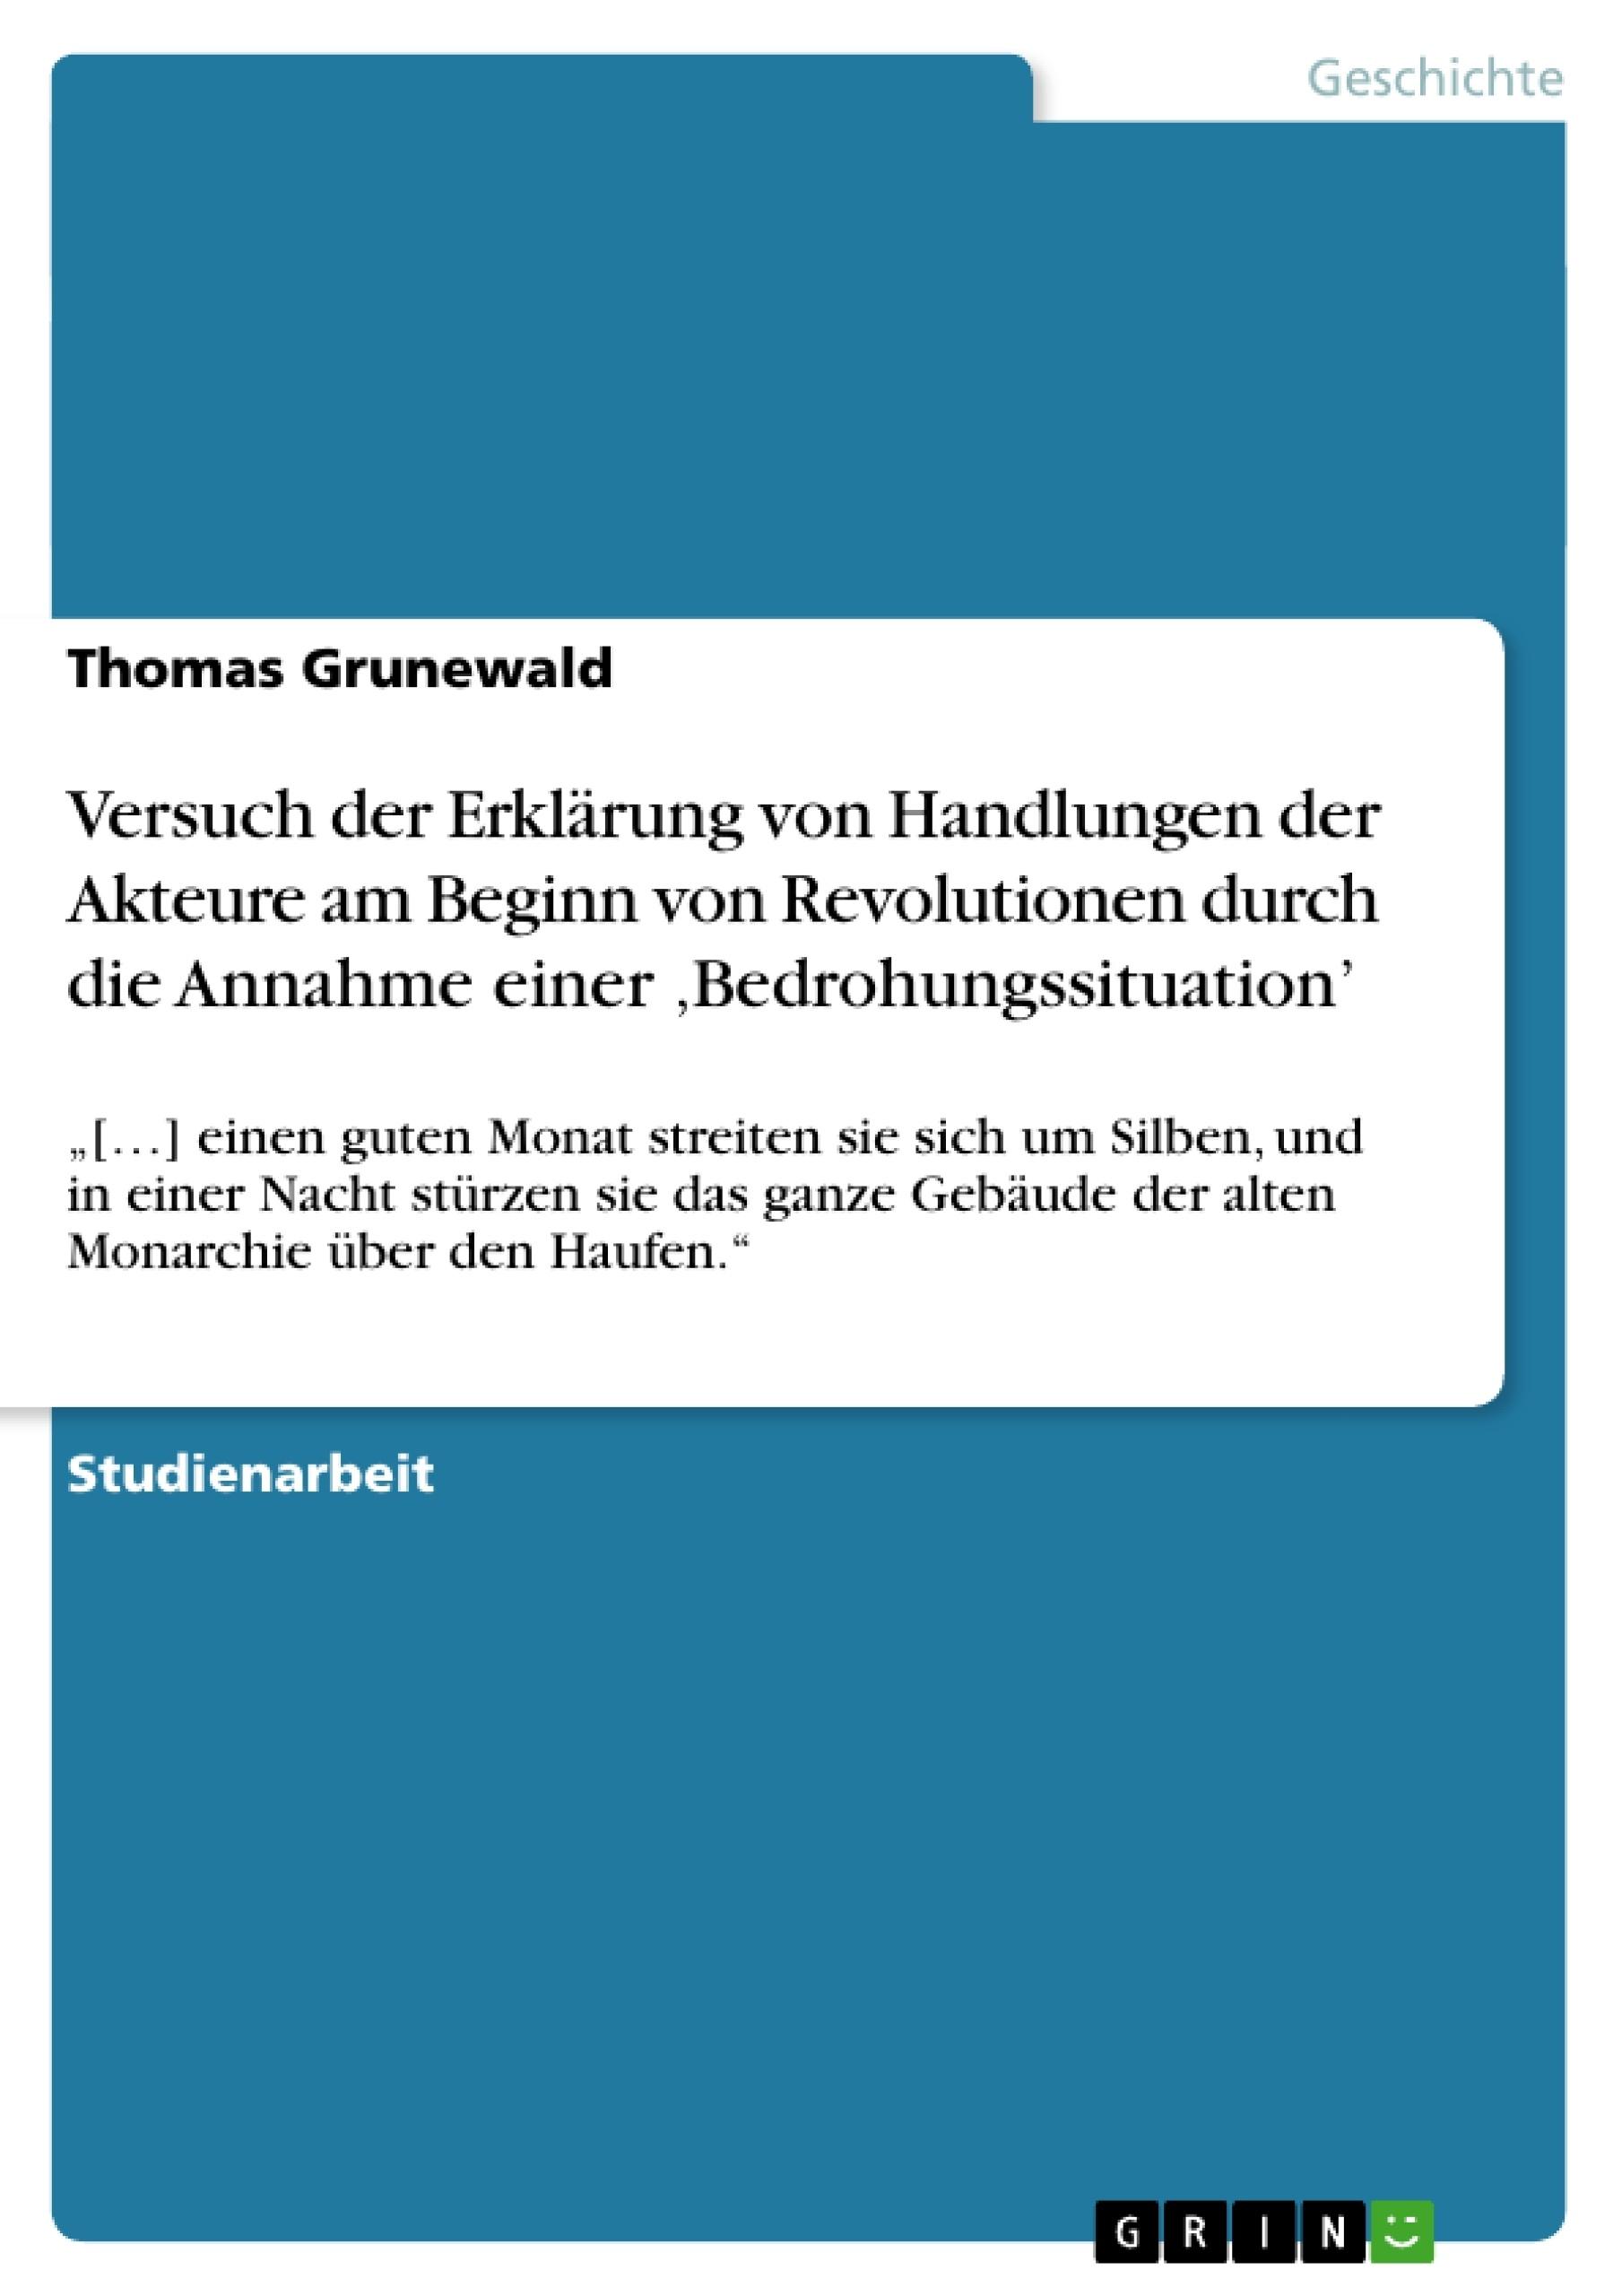 Titel: Versuch der Erklärung von Handlungen der Akteure am Beginn von Revolutionen durch die Annahme einer 'Bedrohungssituation'